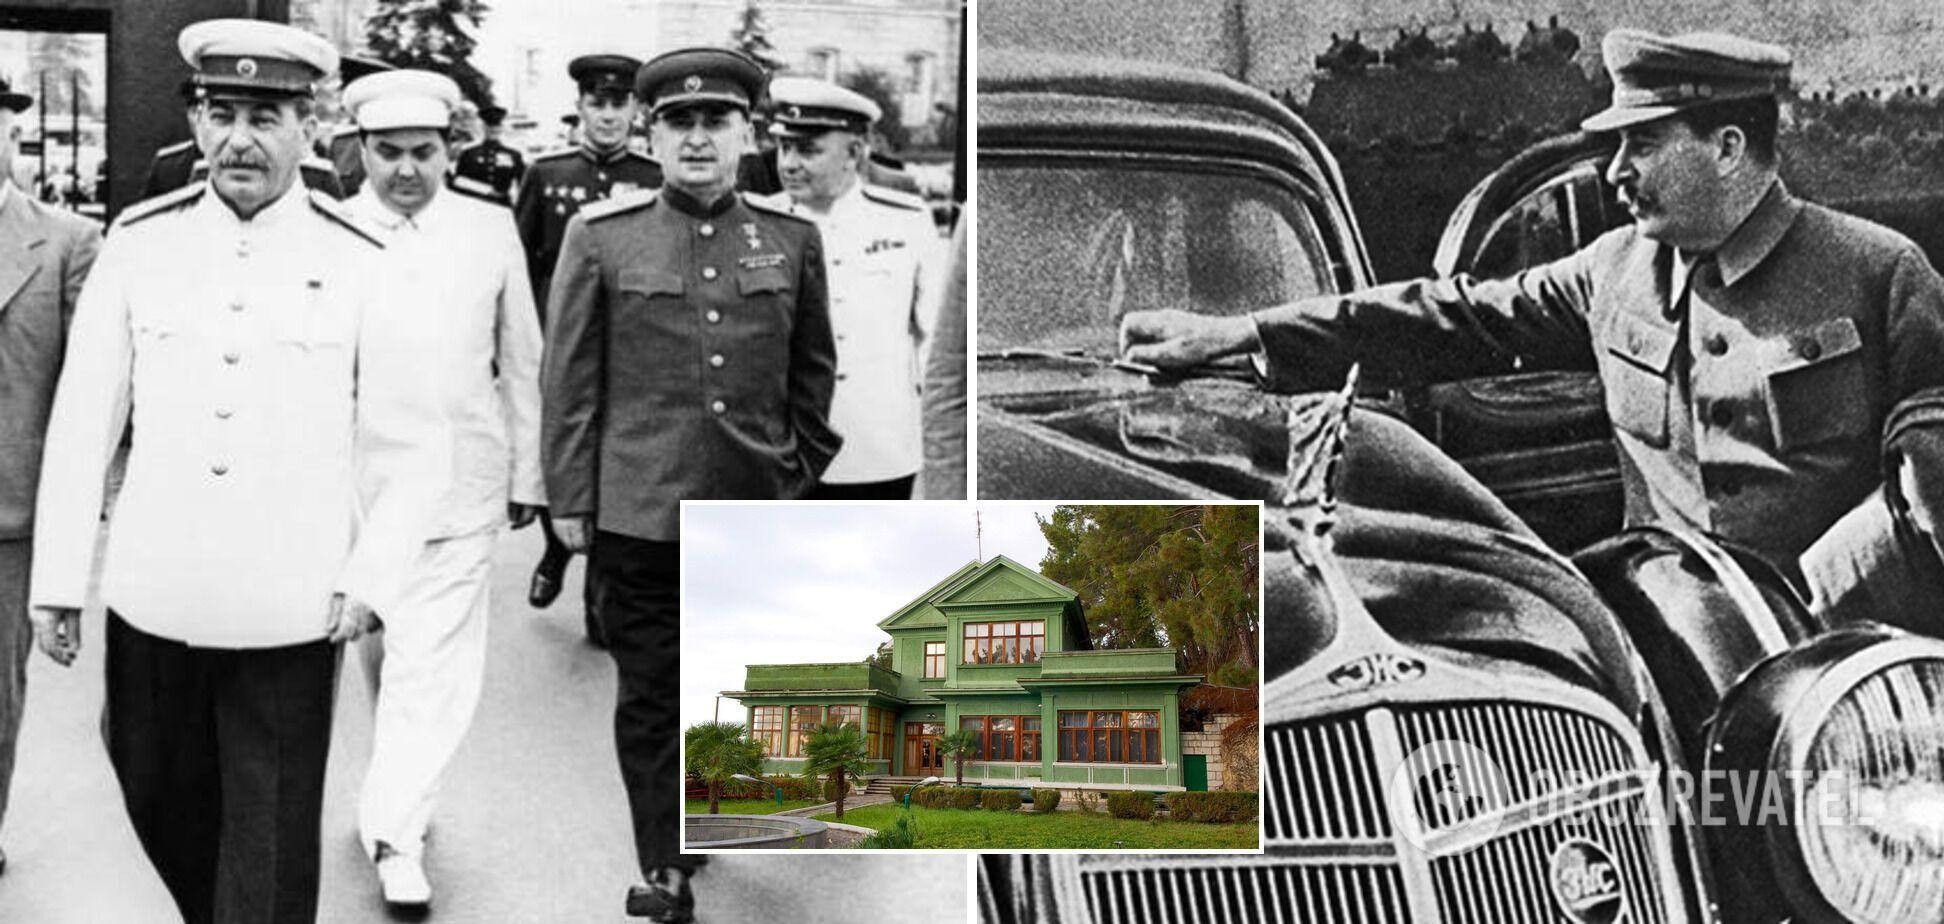 Дачи товарища Сталина: как на самом деле жил 'вождь'